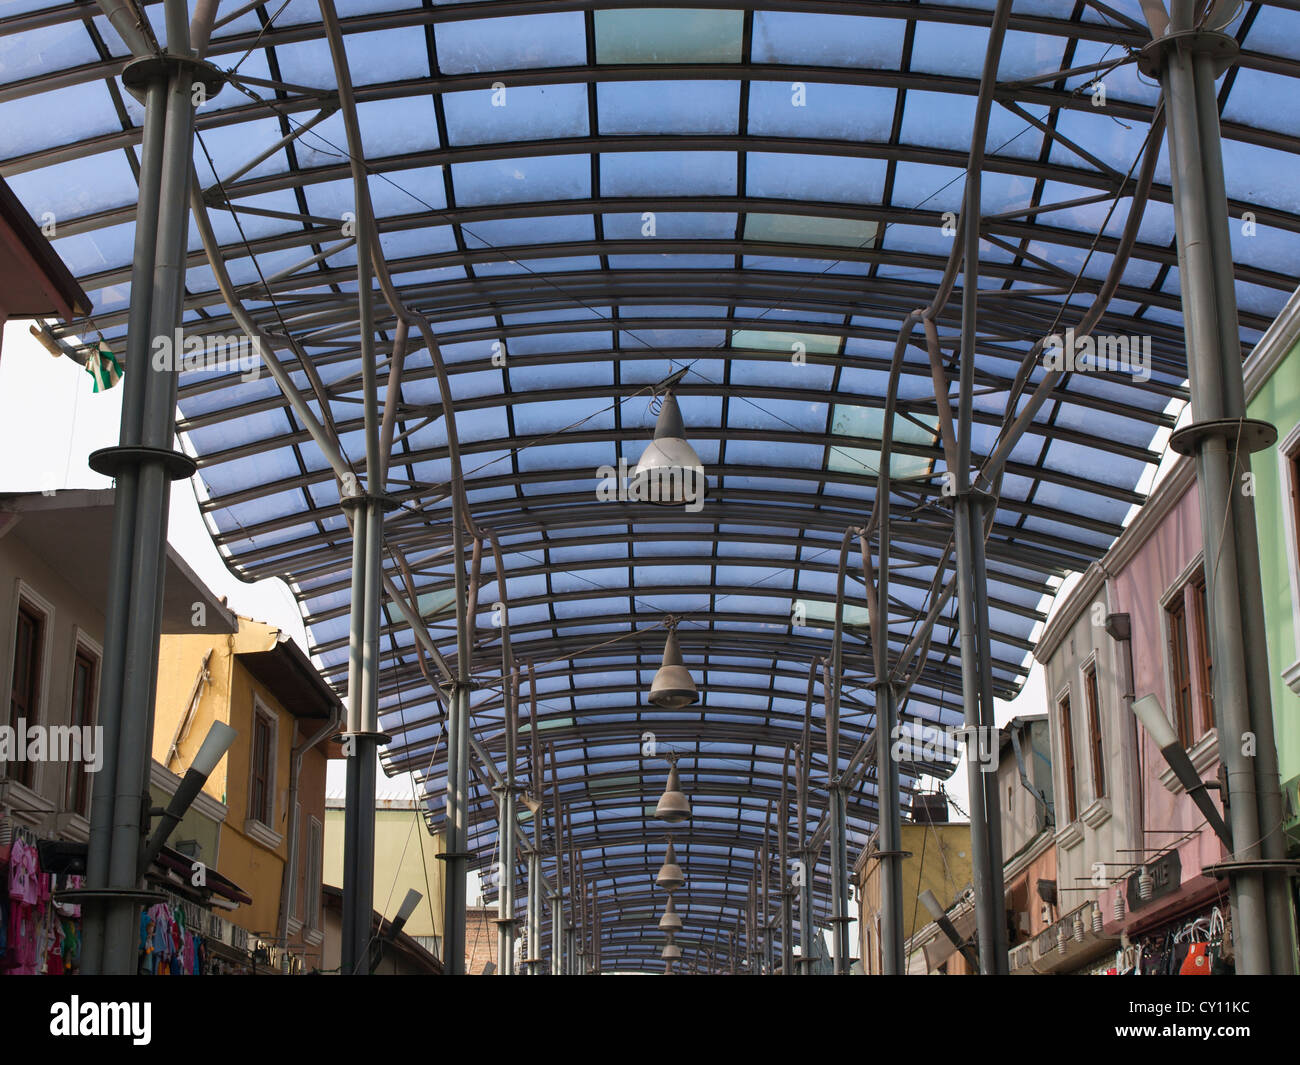 Struktur für die Uzuncarsi Caddesi Straße in der zentrale Markt Bezirk Bursa, alten Markthallen oder Han Stockbild